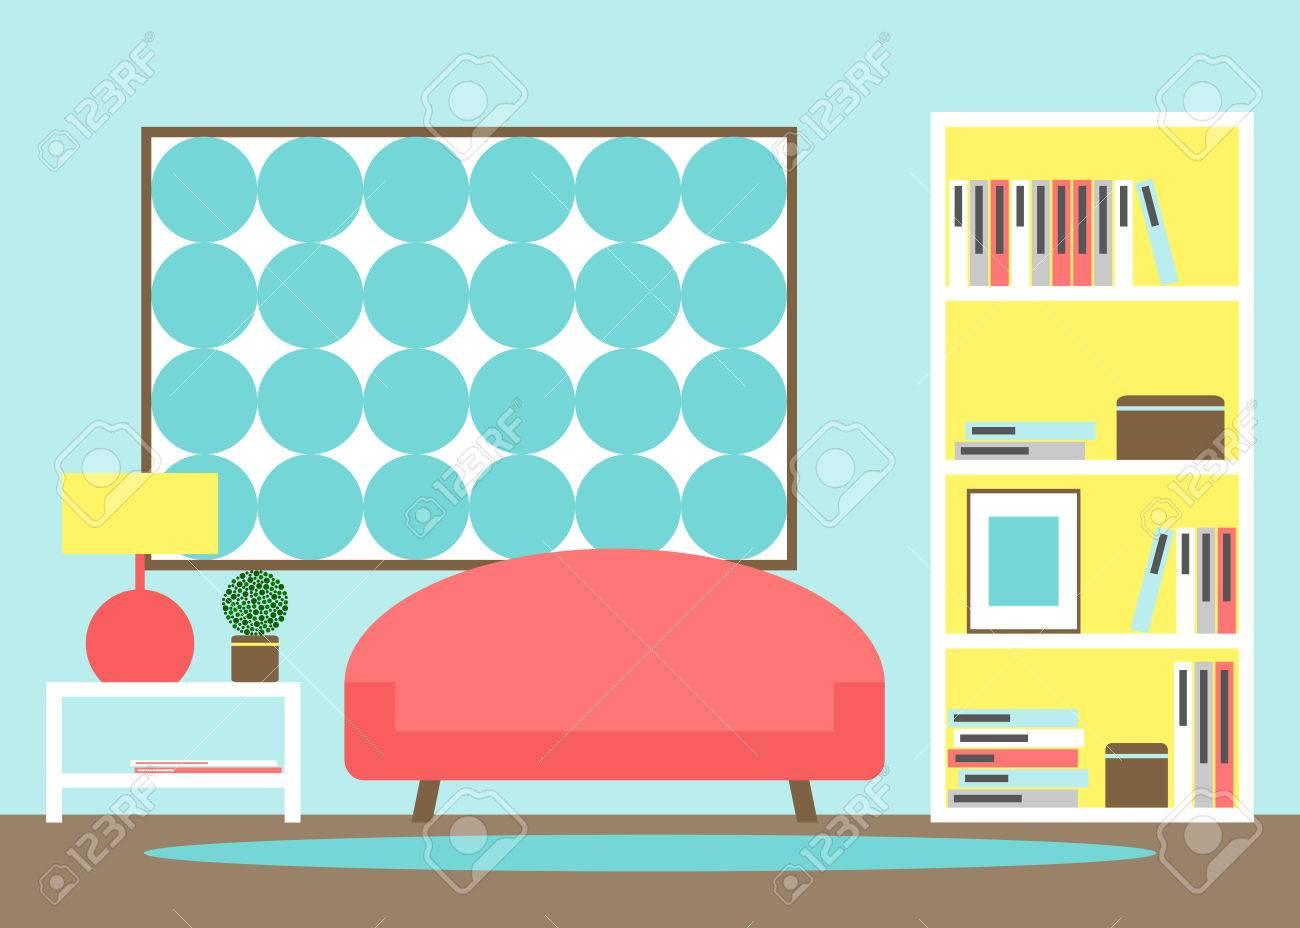 Wohnzimmer. Moderne Wohnzimmer Innenraum Mit Möbeln. Sofa ...